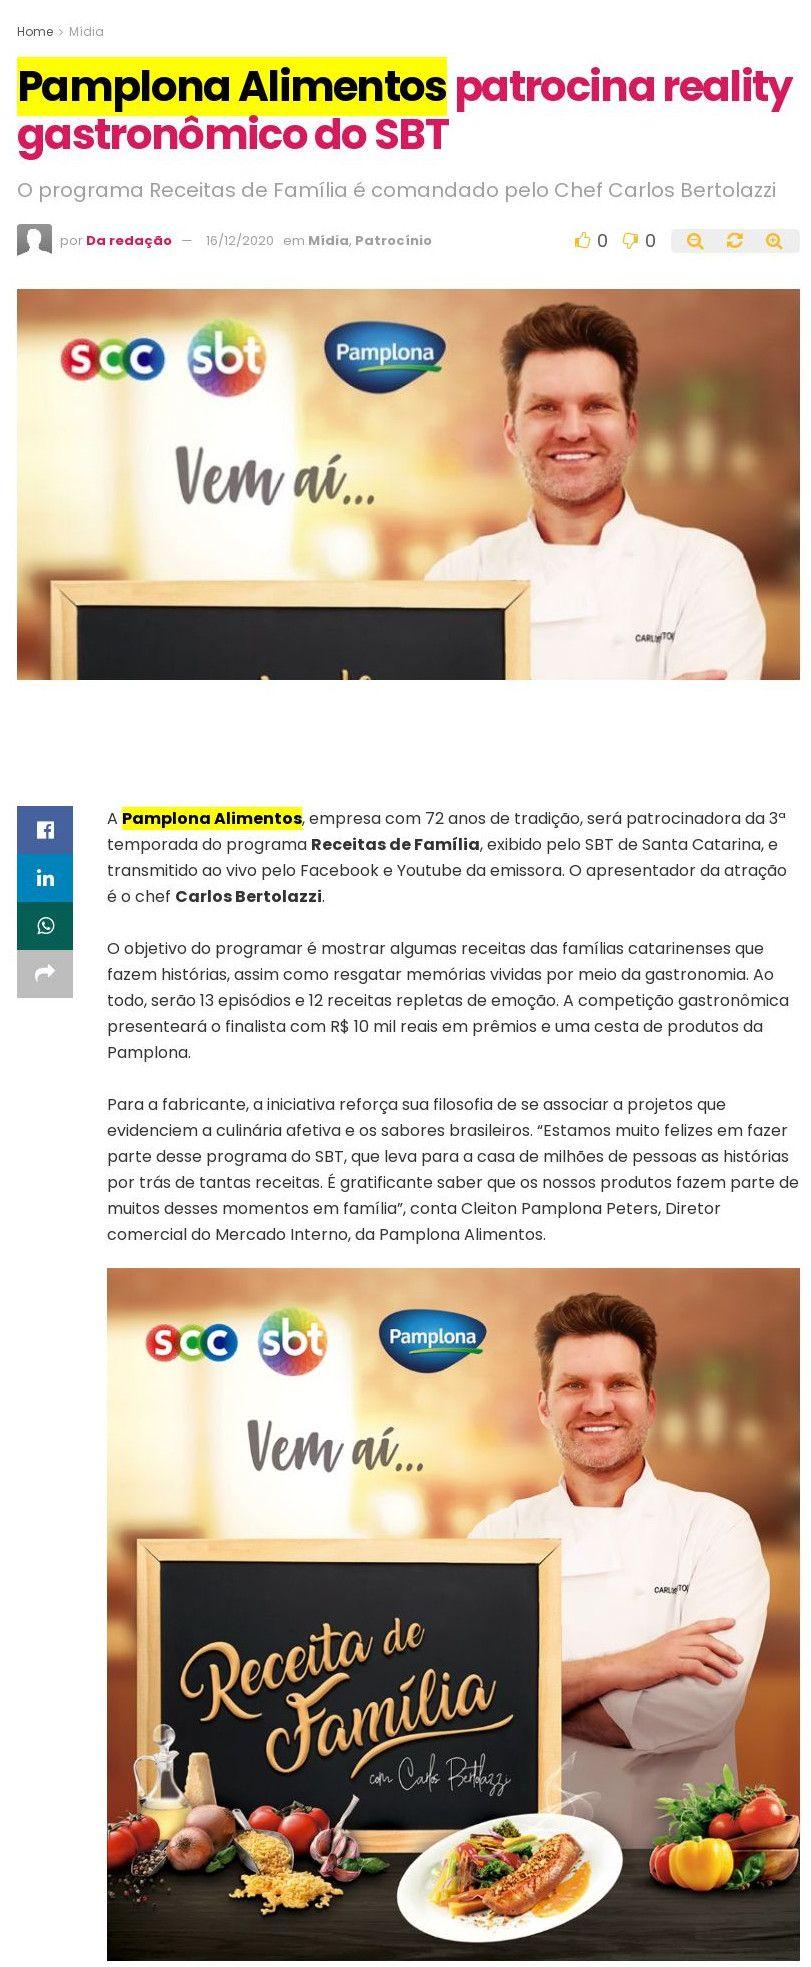 Pamplona Alimentos patrocina reality gastronômico do SBT - Abc da Comunicação